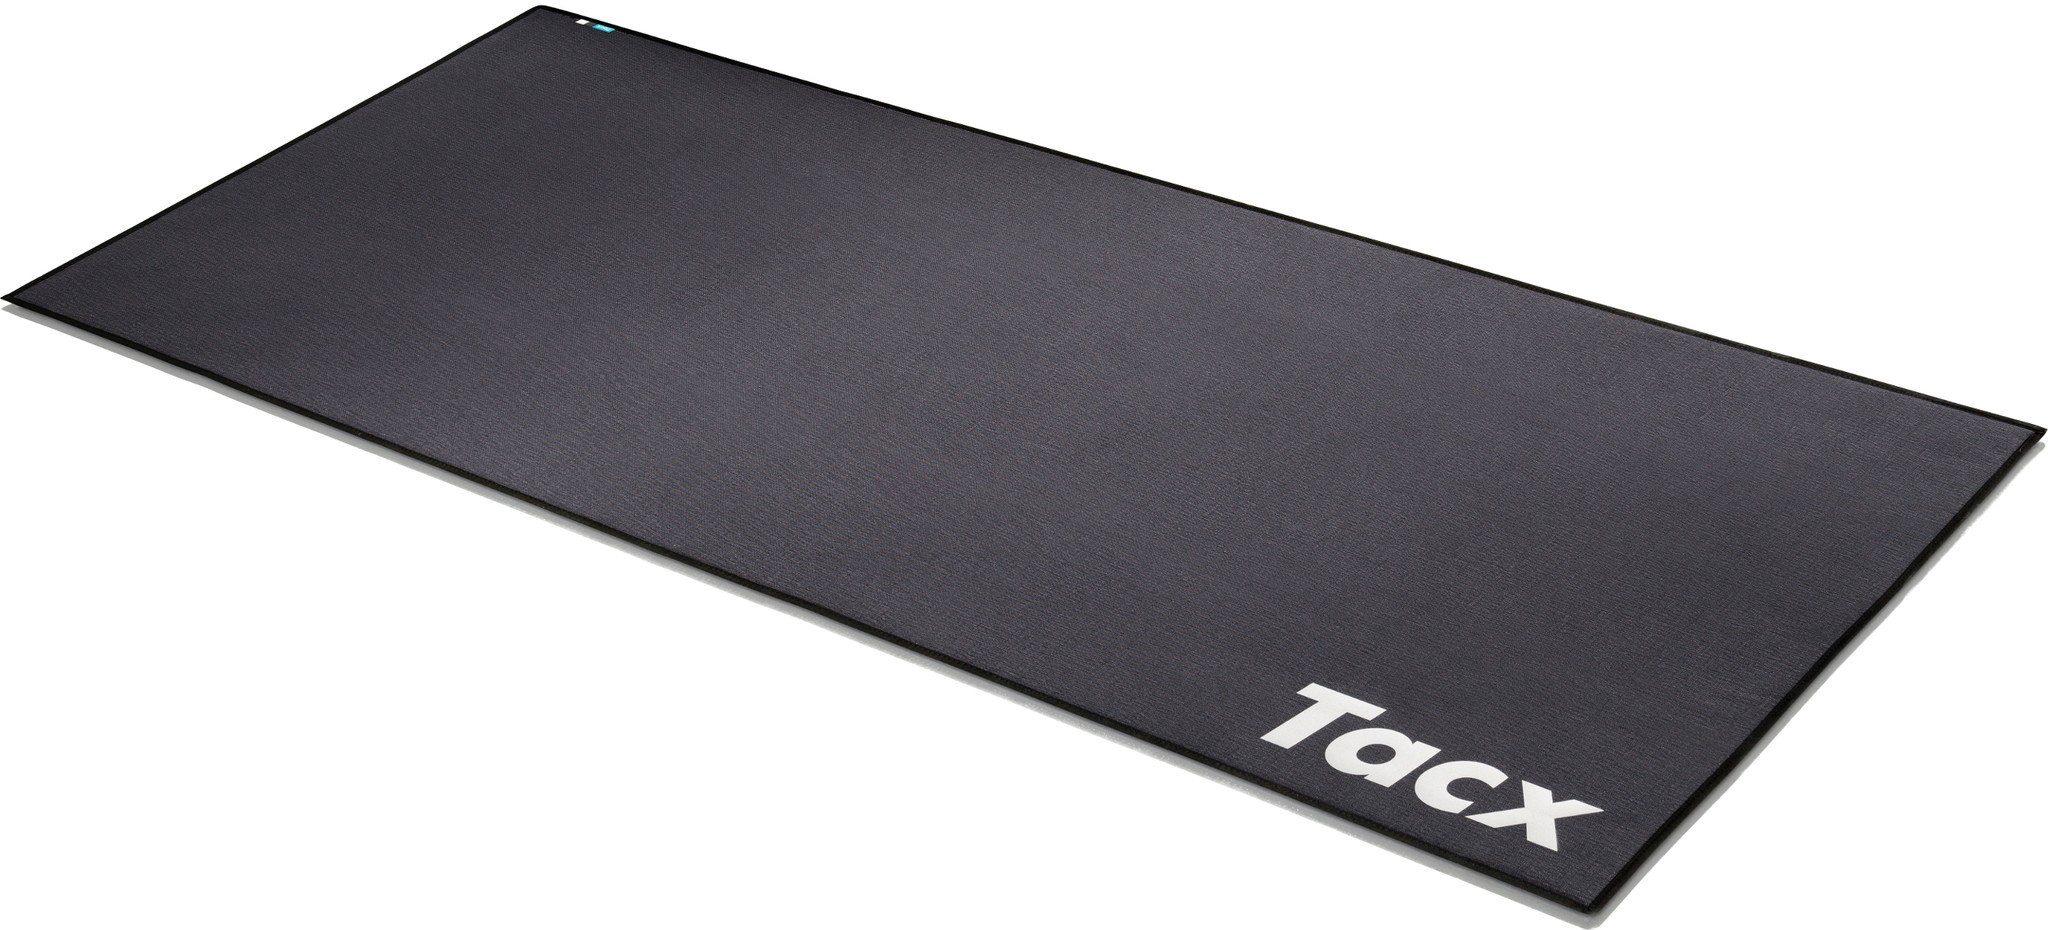 Tacx Vorderradstütze »Trainermatte faltbar«